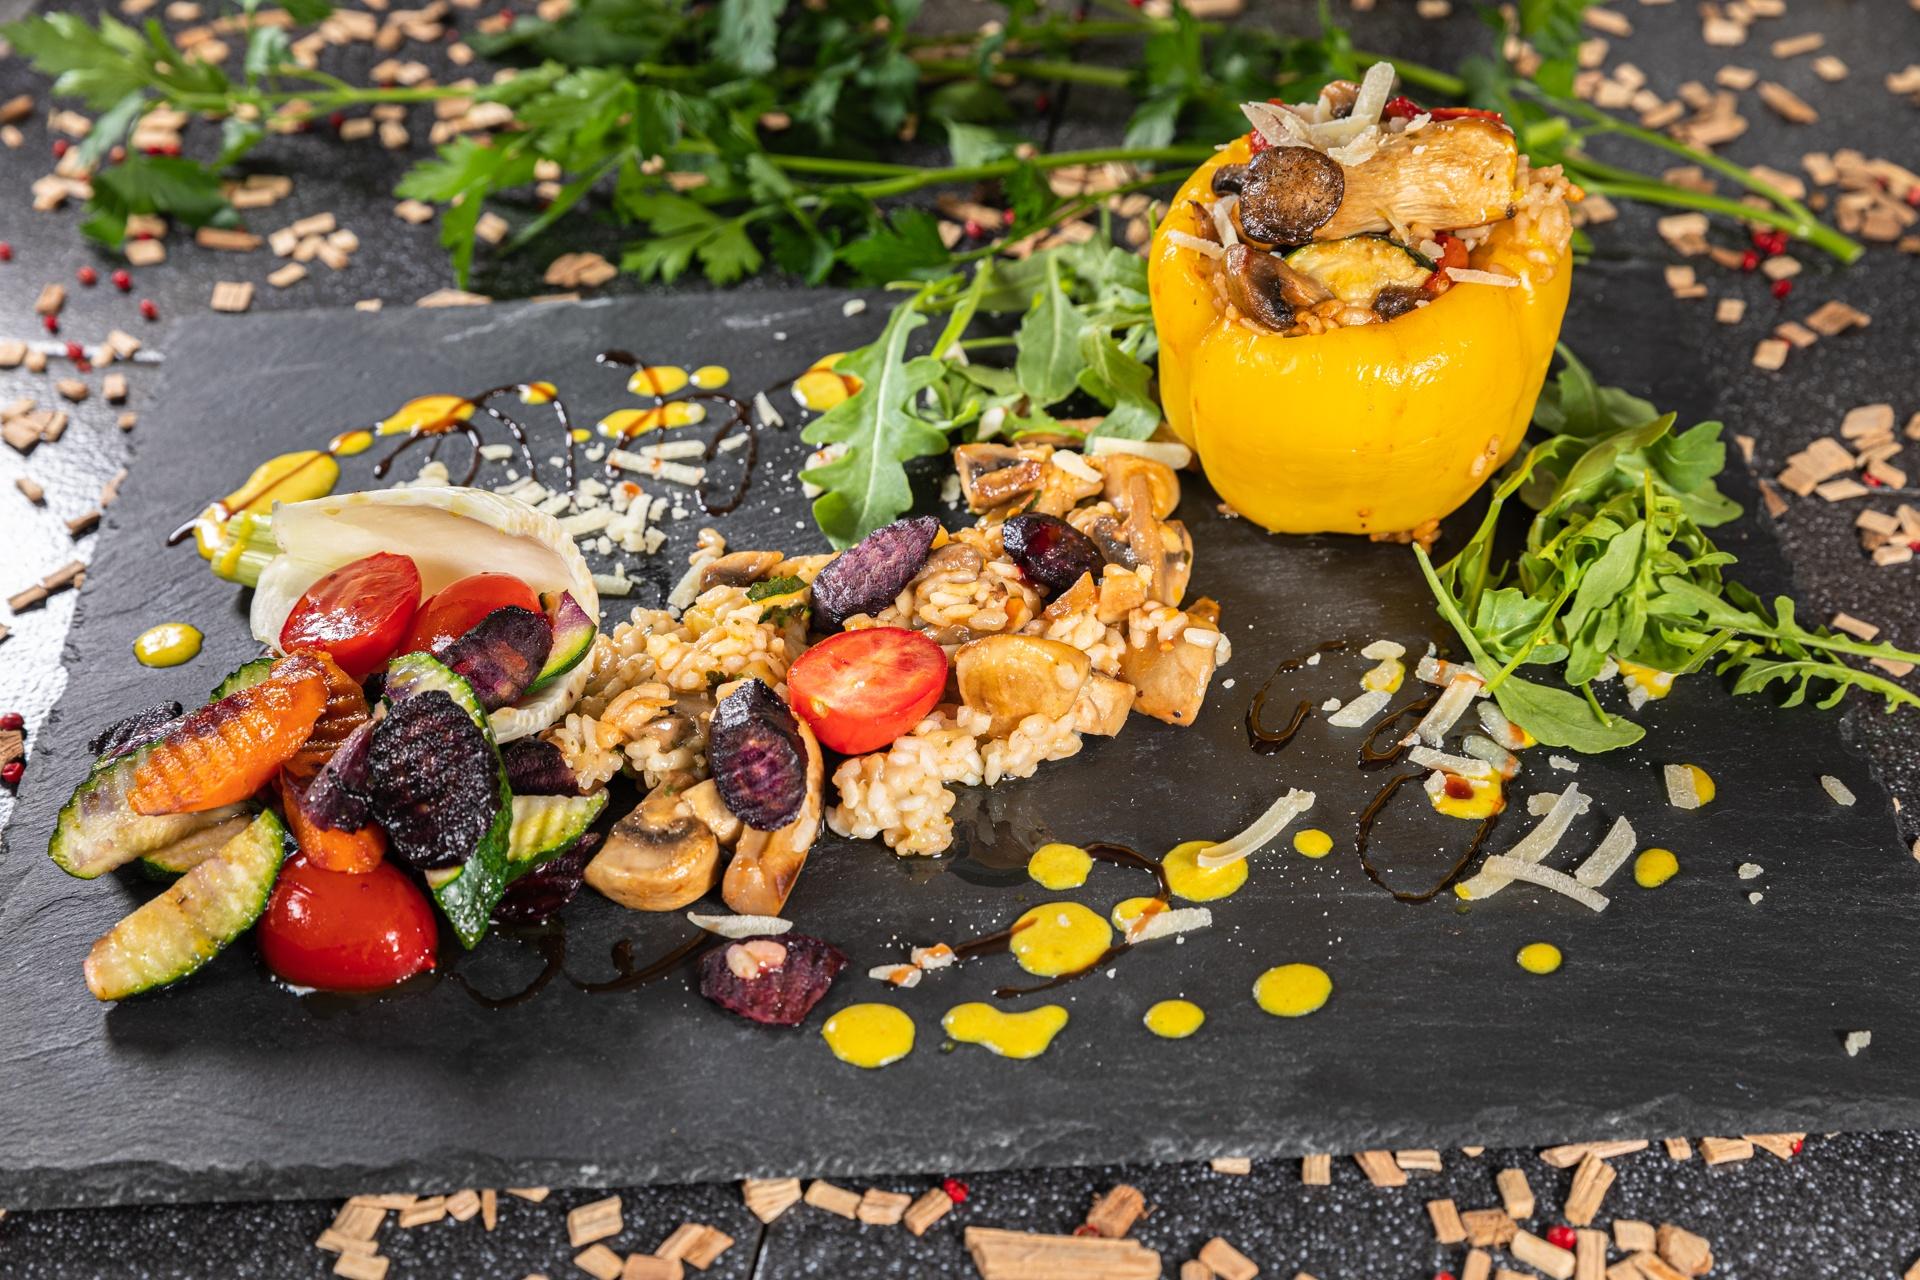 Gefüllte Paprikaschote mit Steinpilz und getrockneten Tomatenspalten-Risotto an violetten Wurzeln und gelber Paprikaschaumsauce